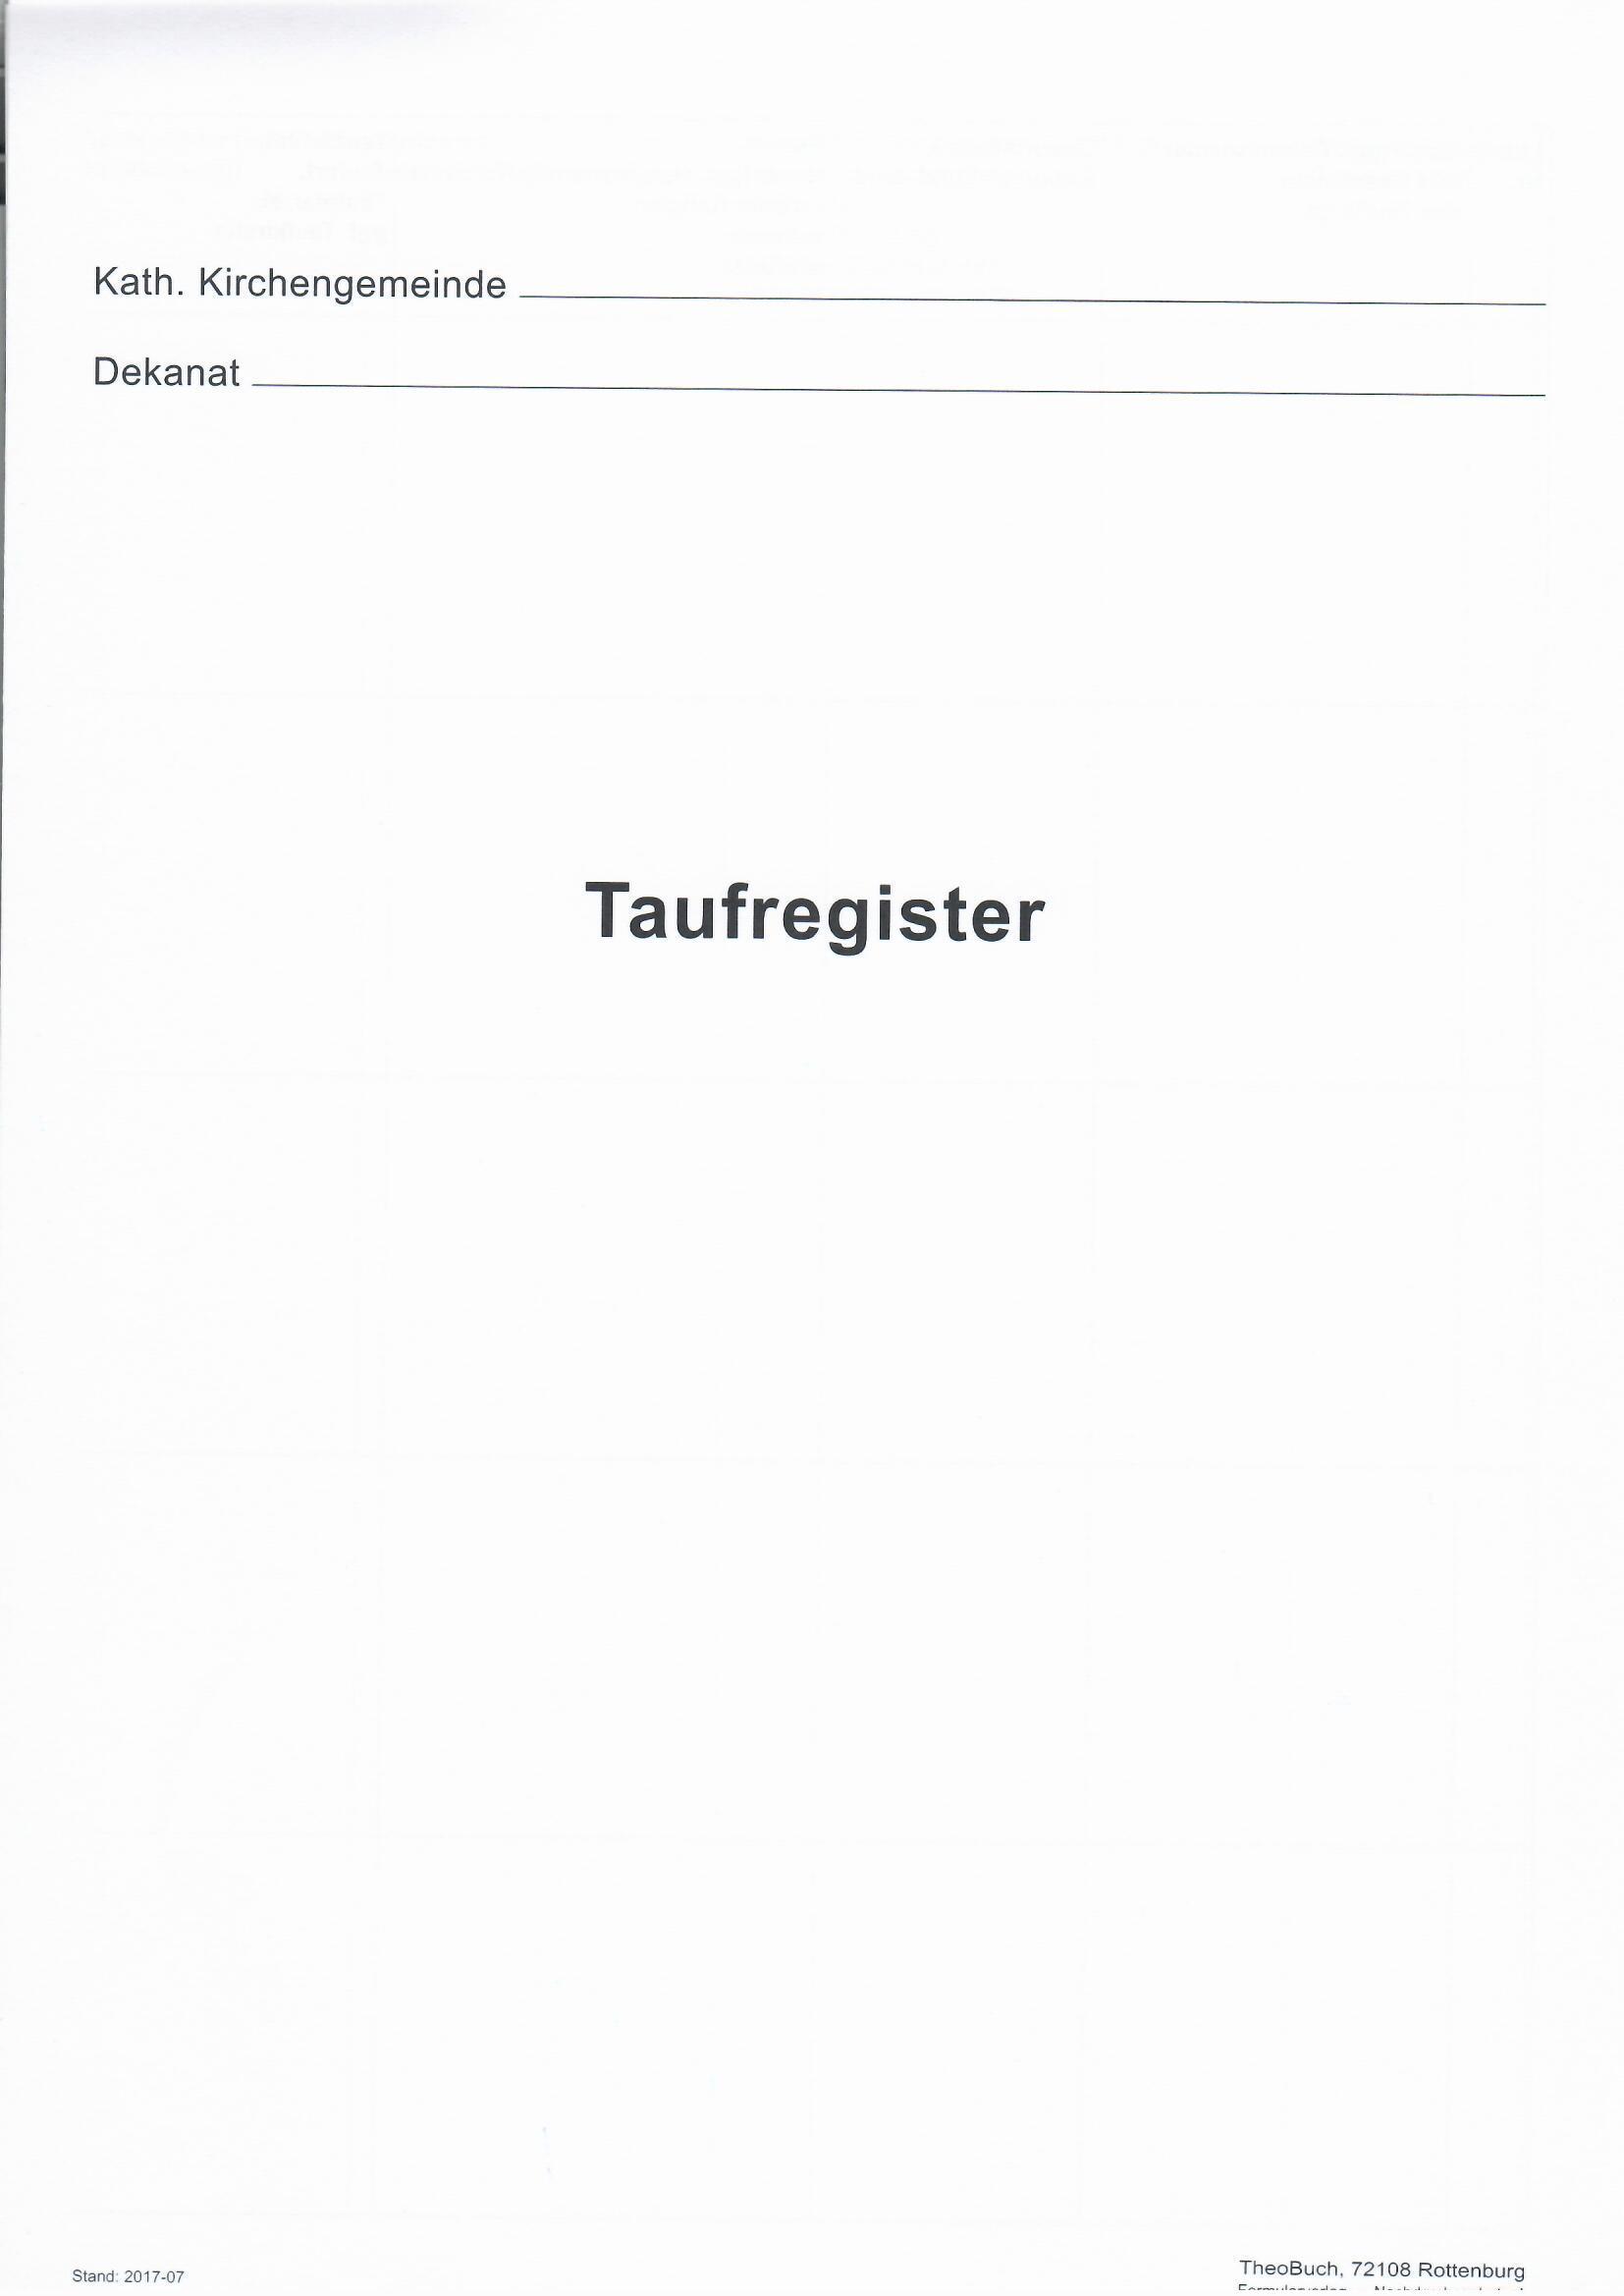 10.011a Taufregister - Titelbogen